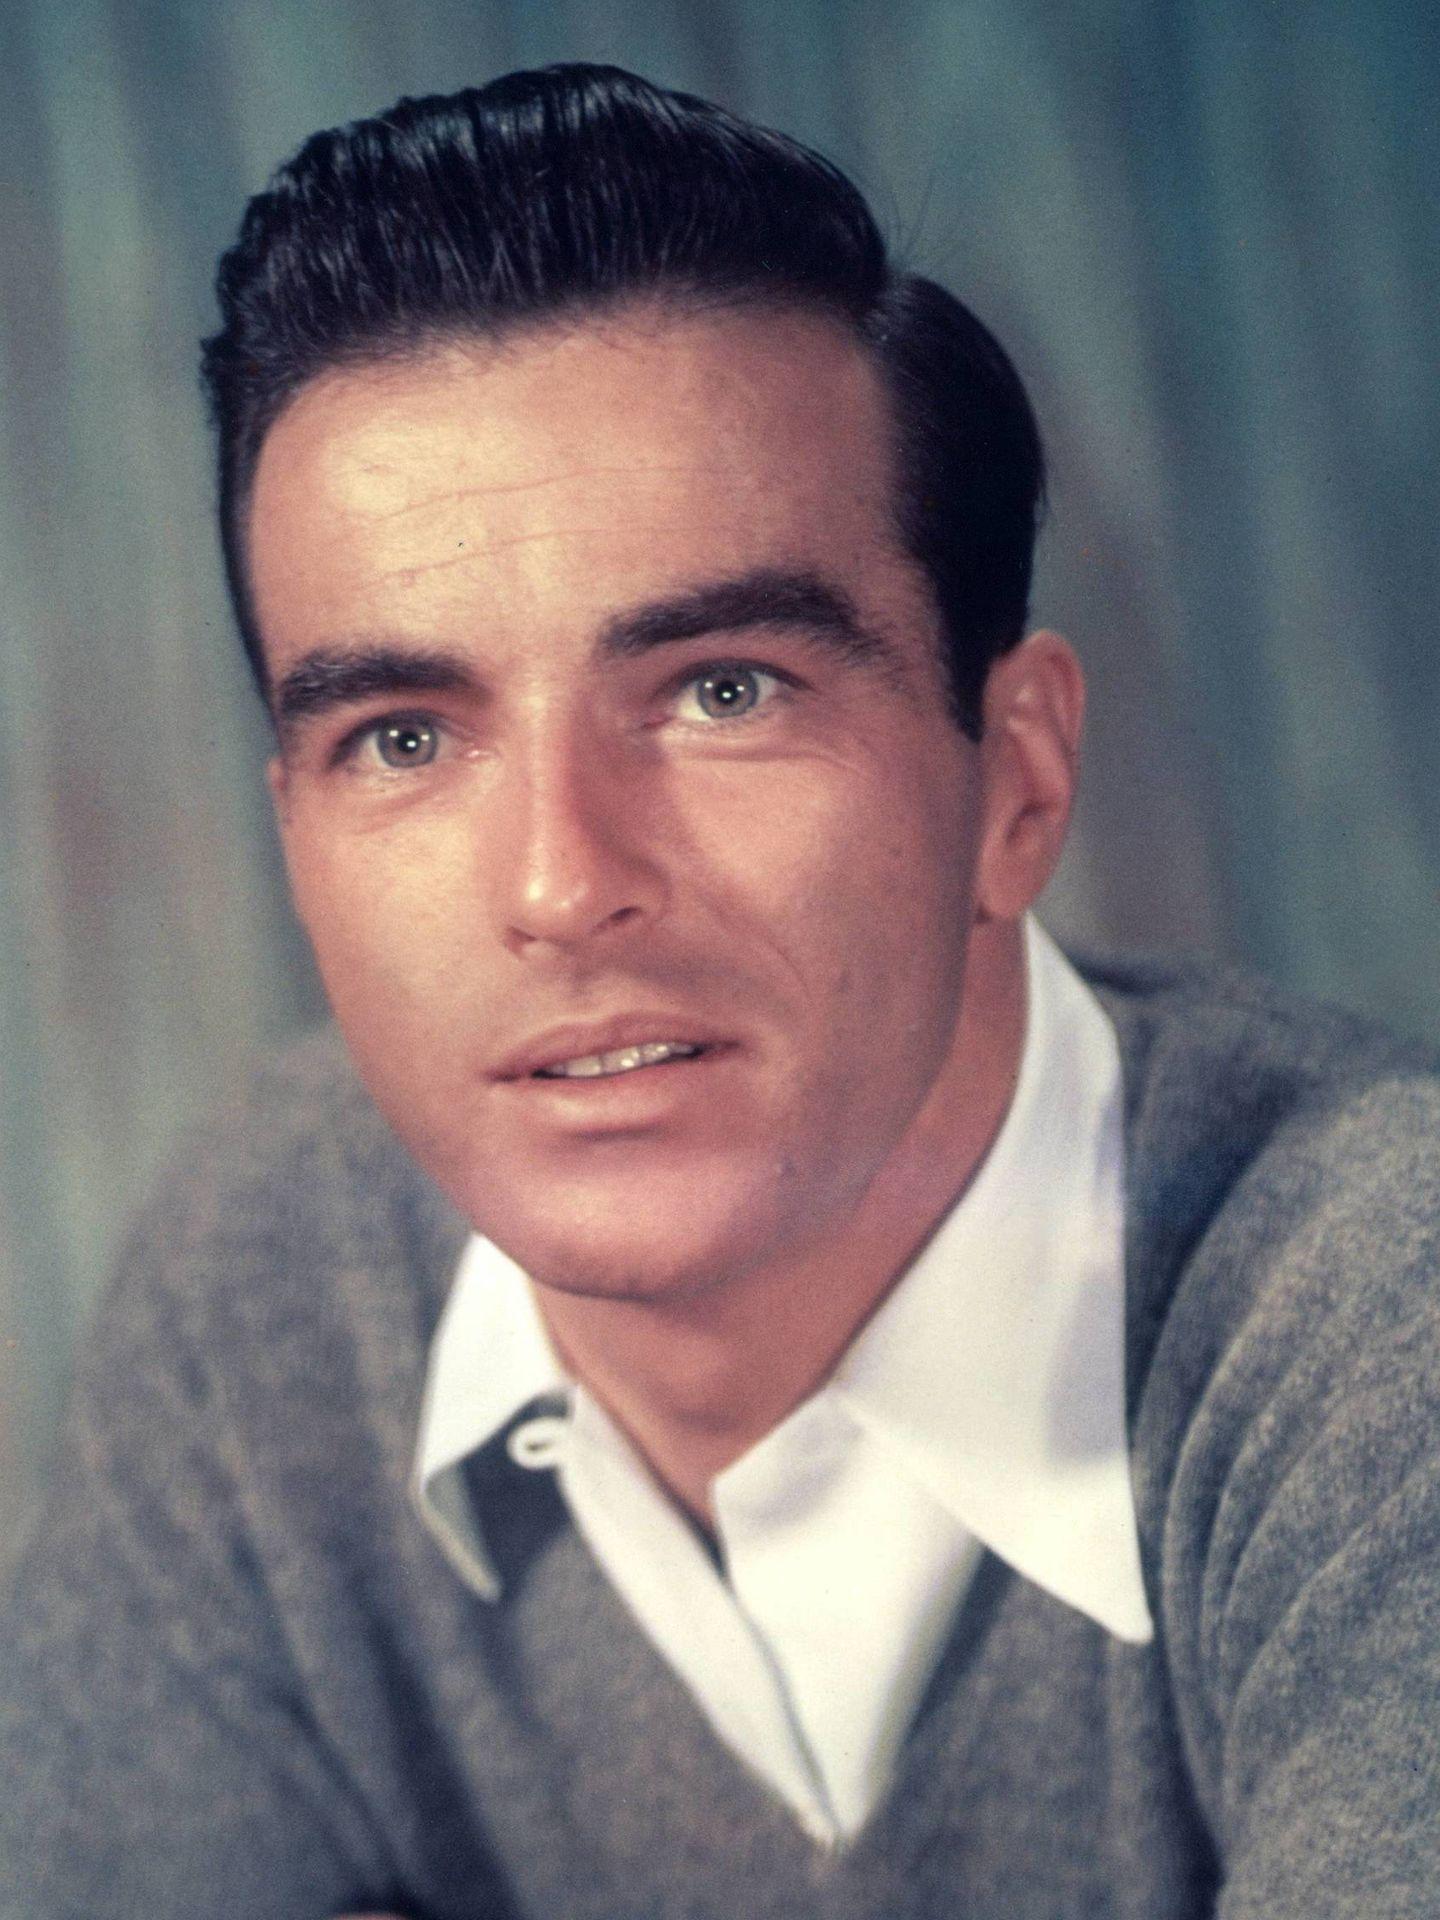 El actor, en una fotografía publicitaria de los 50 antes de su accidente. (Cordon Press)